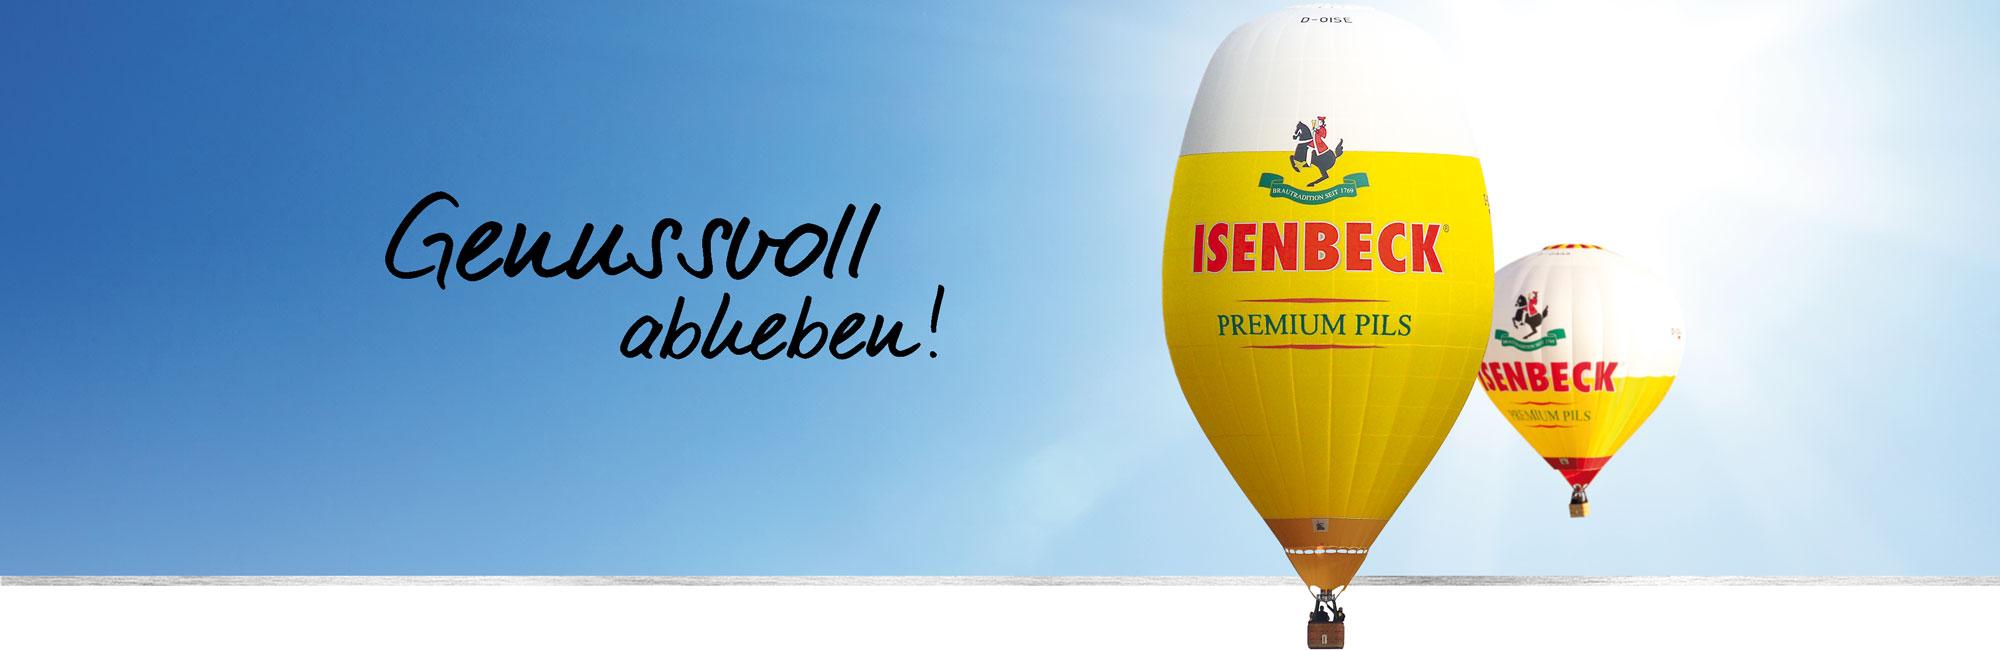 Isenbeck Genussvoll abheben Heißluftballone